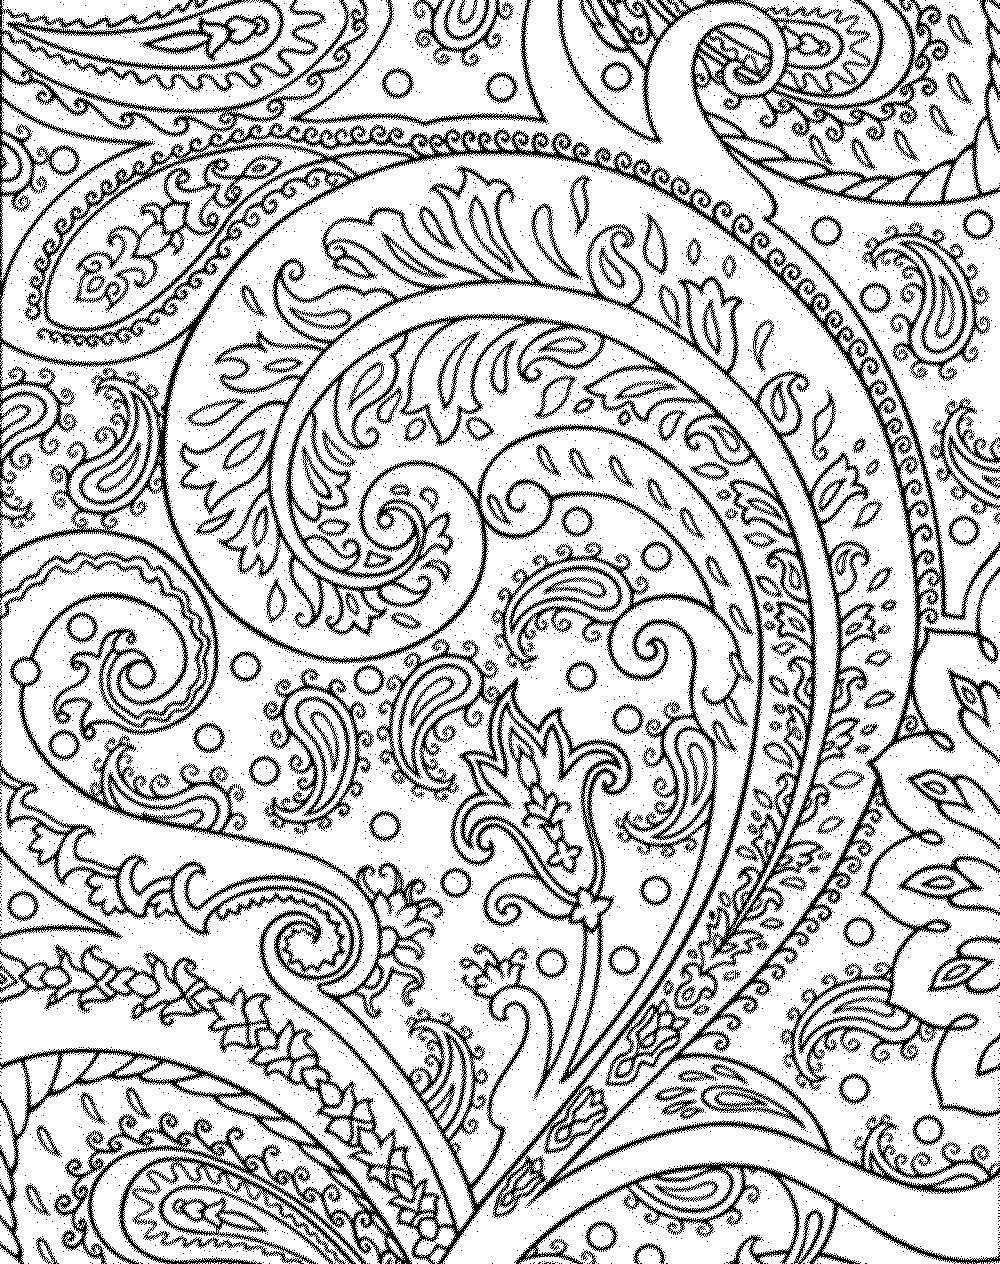 Раскраска Узор Скачать узоры, узорчики, цветочки, антистресс.  Распечатать ,узоры,